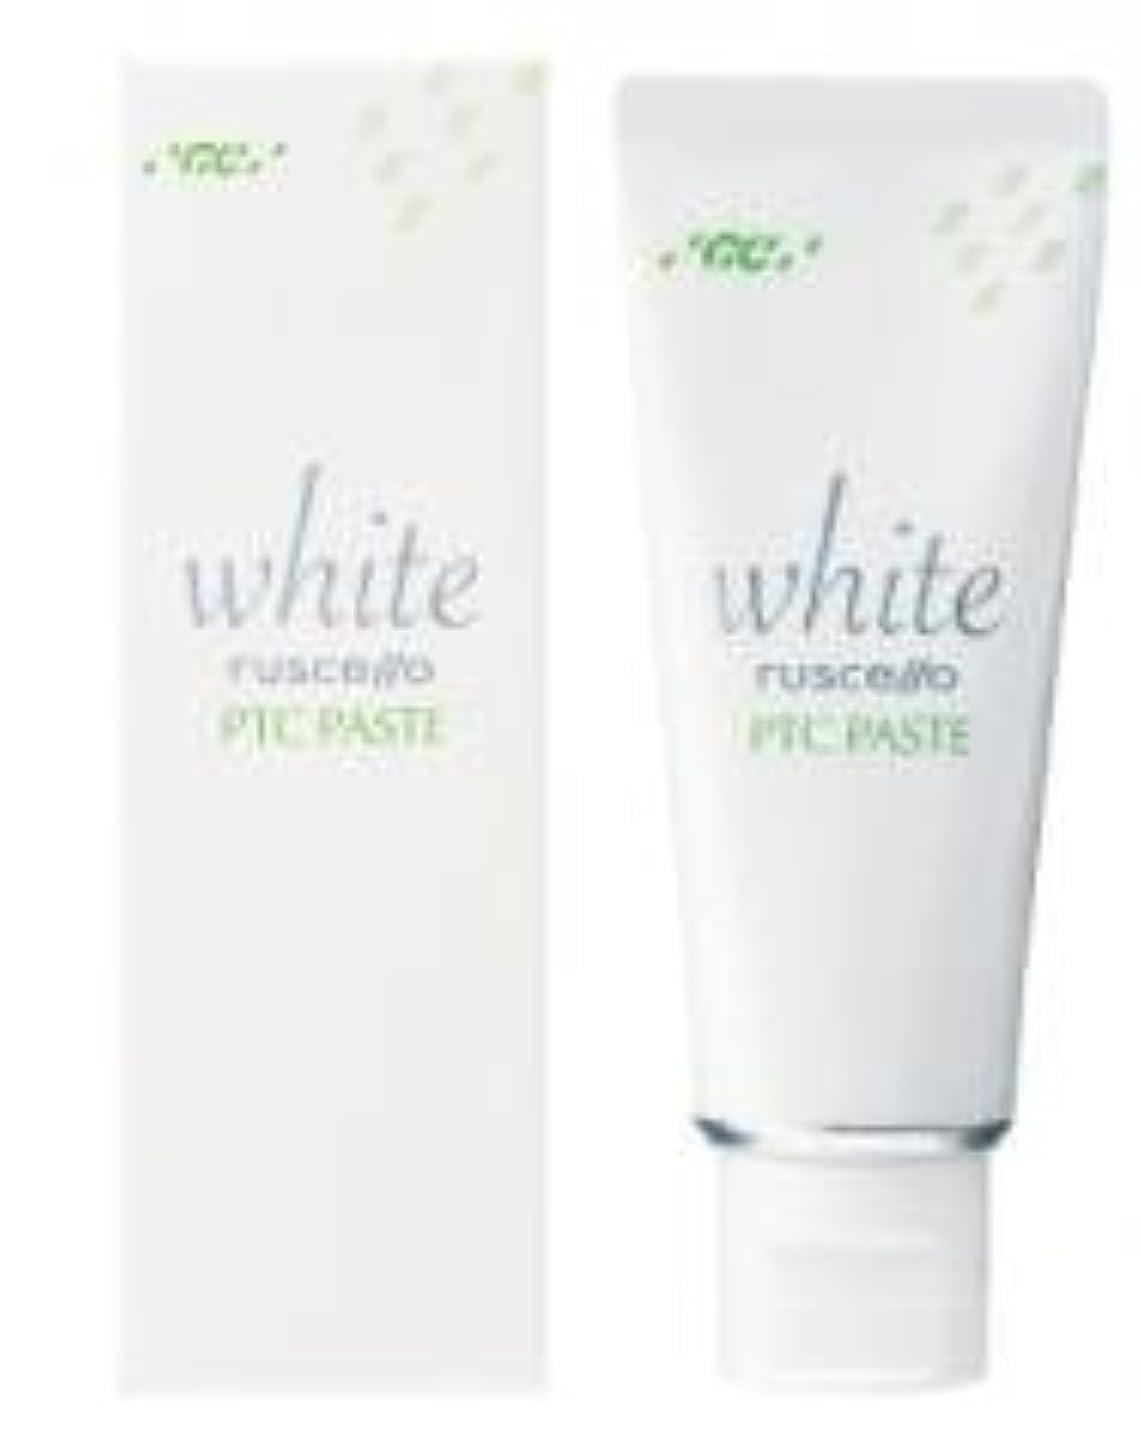 驚くべき添付毛細血管GC PTCペースト ルシェロ ホワイト 60g